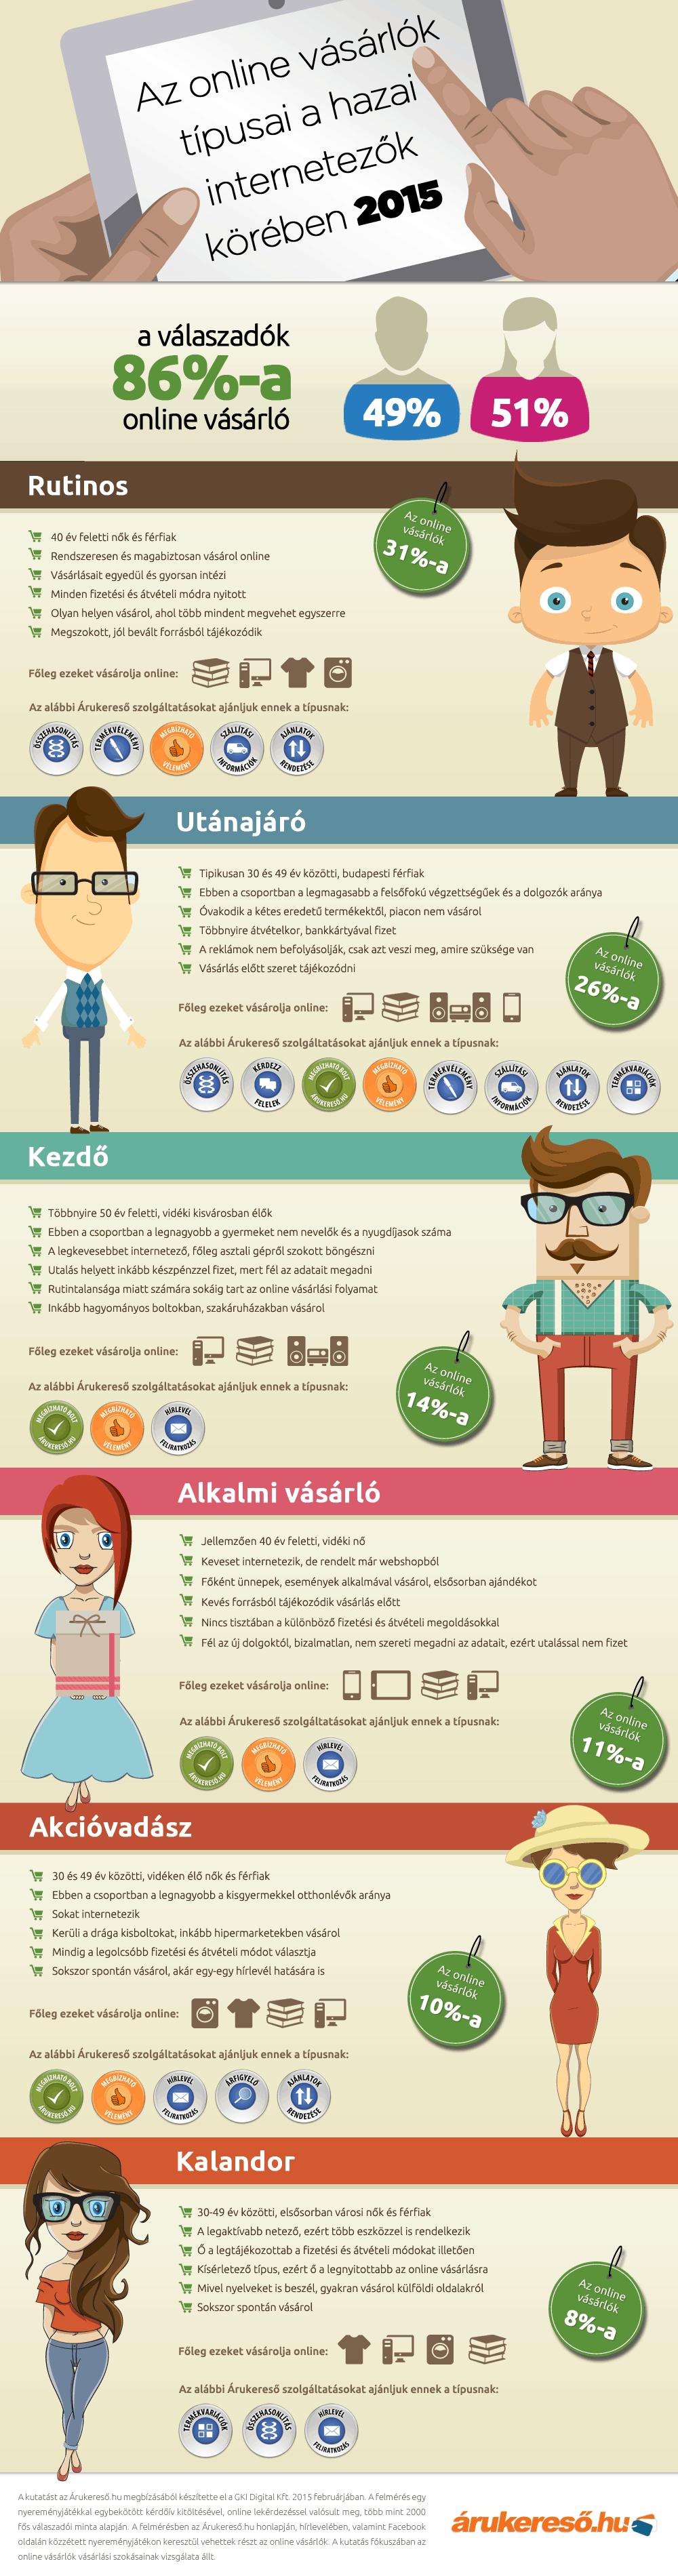 Online vásárló típusok - Árukereső.hu - GKI Digital